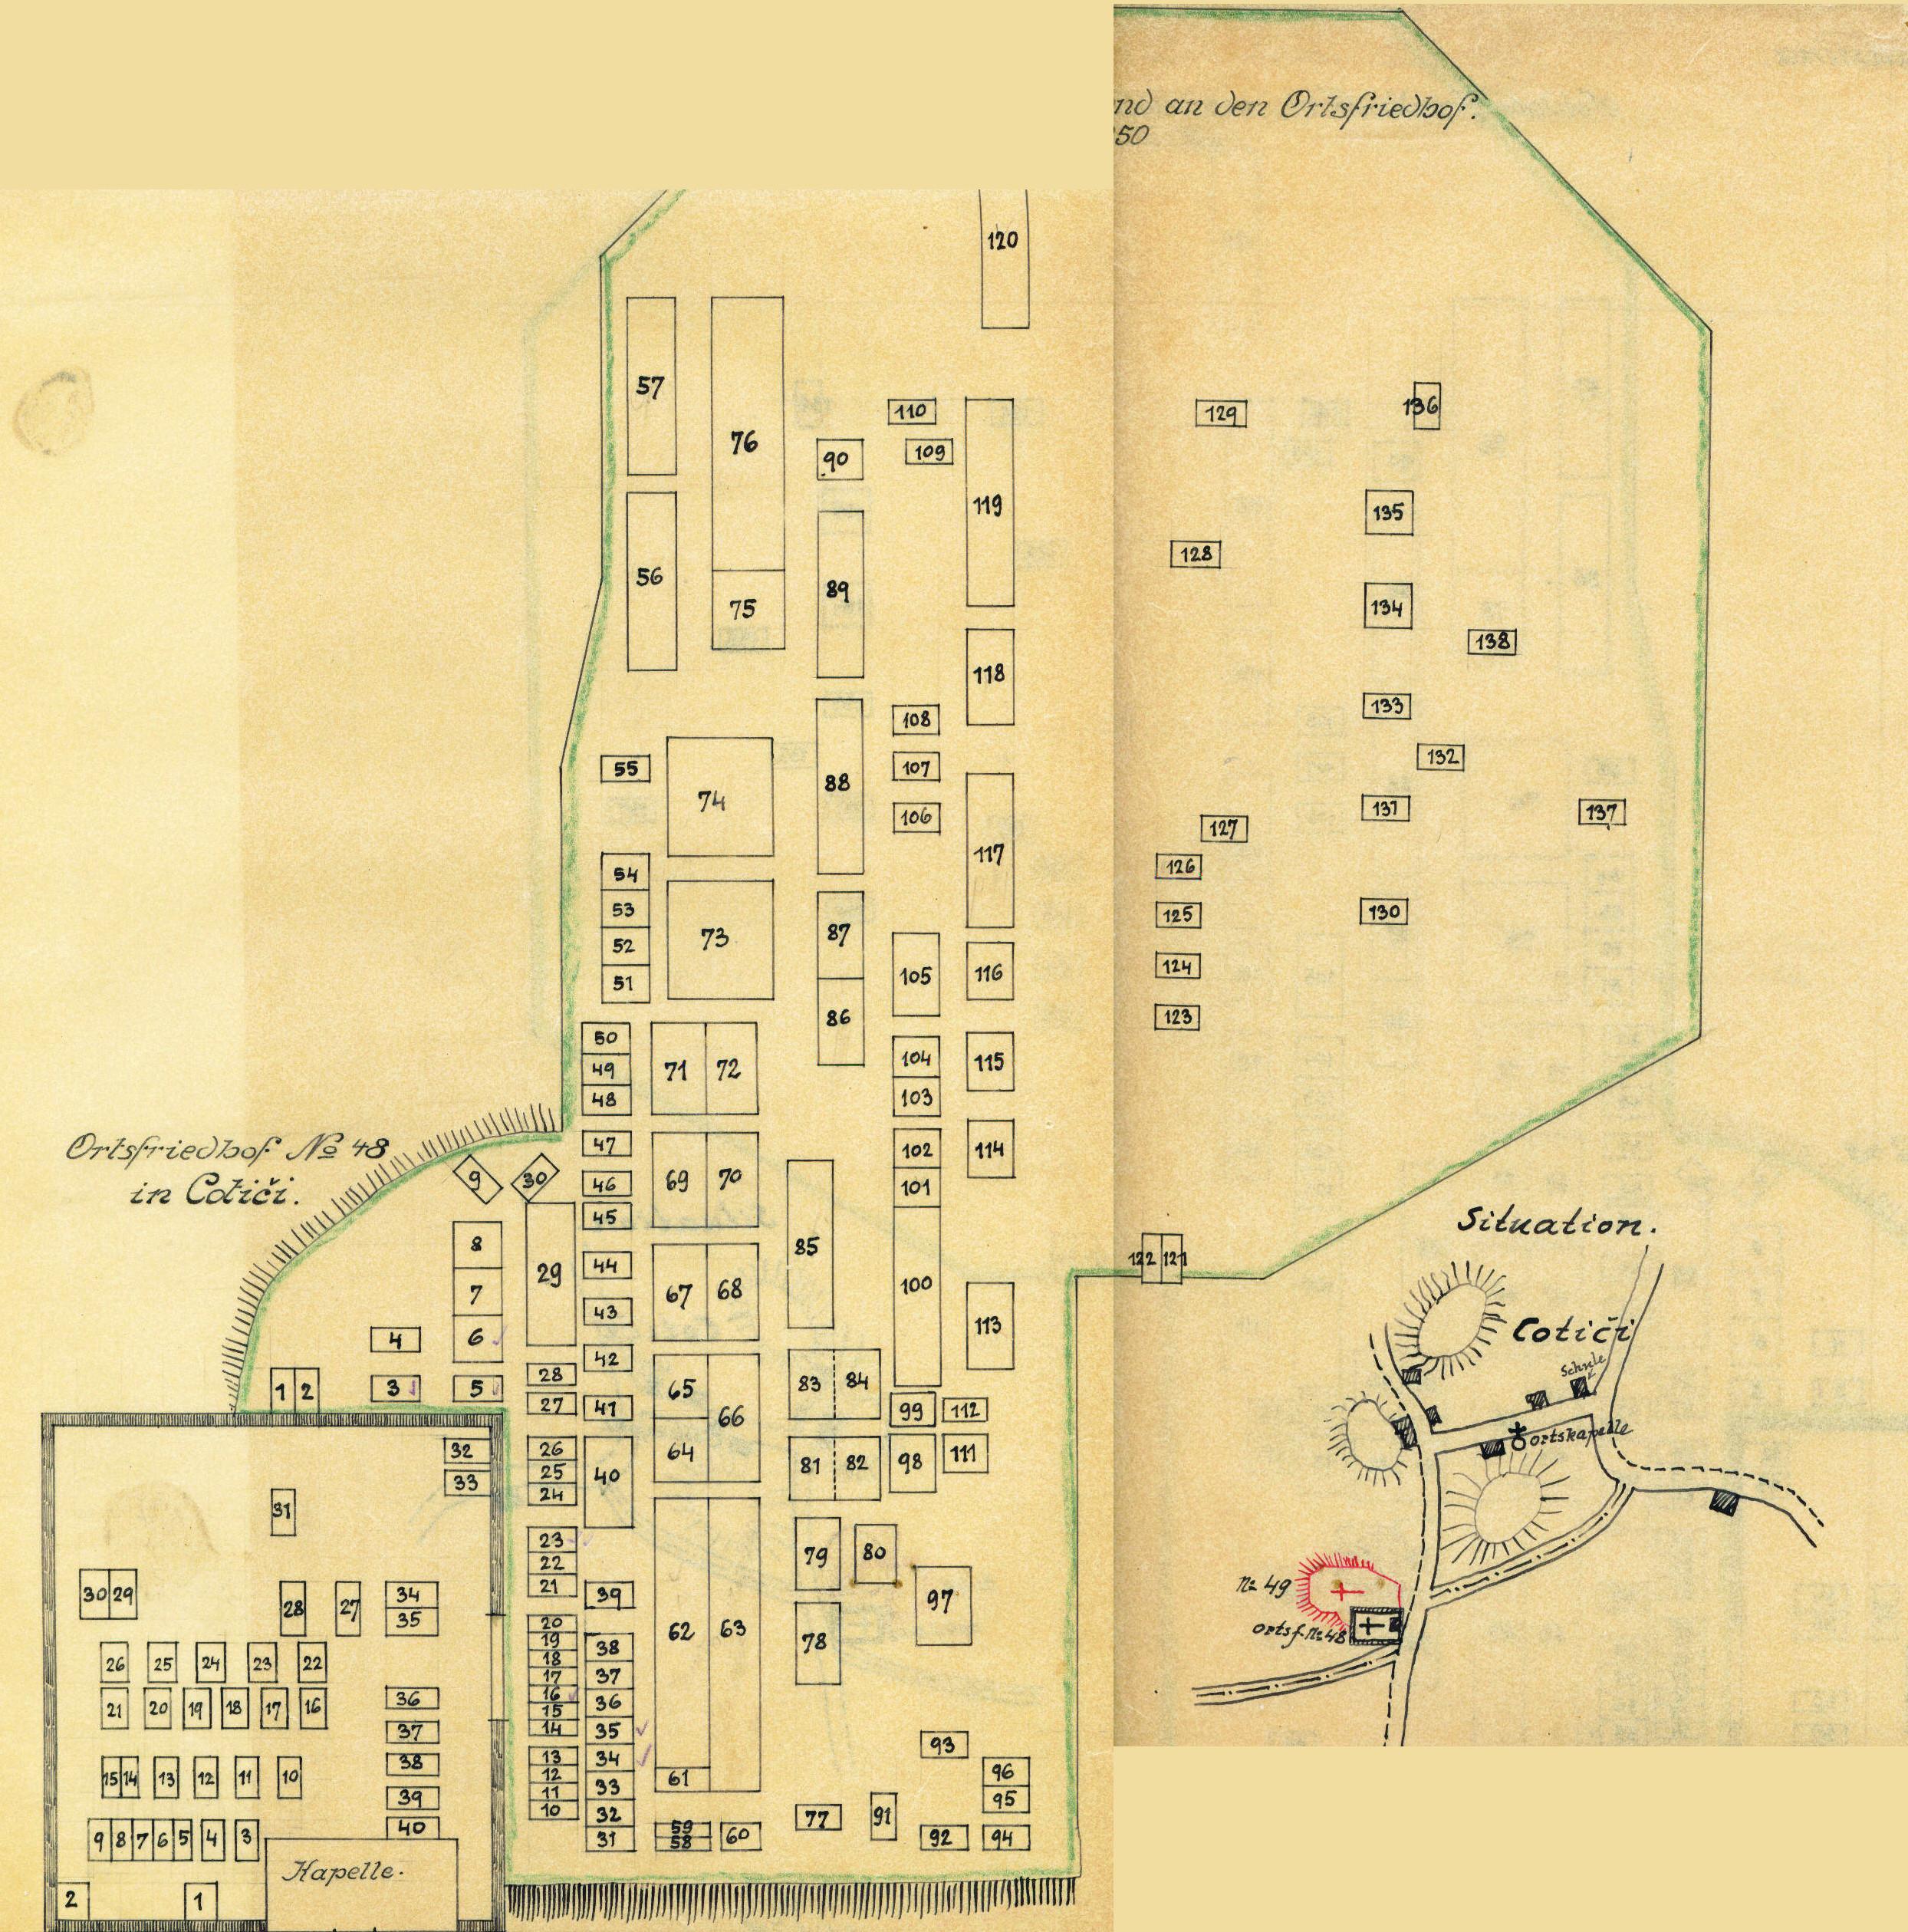 Disegno del 1918 dei cimiteri 48-49 di Cotiči